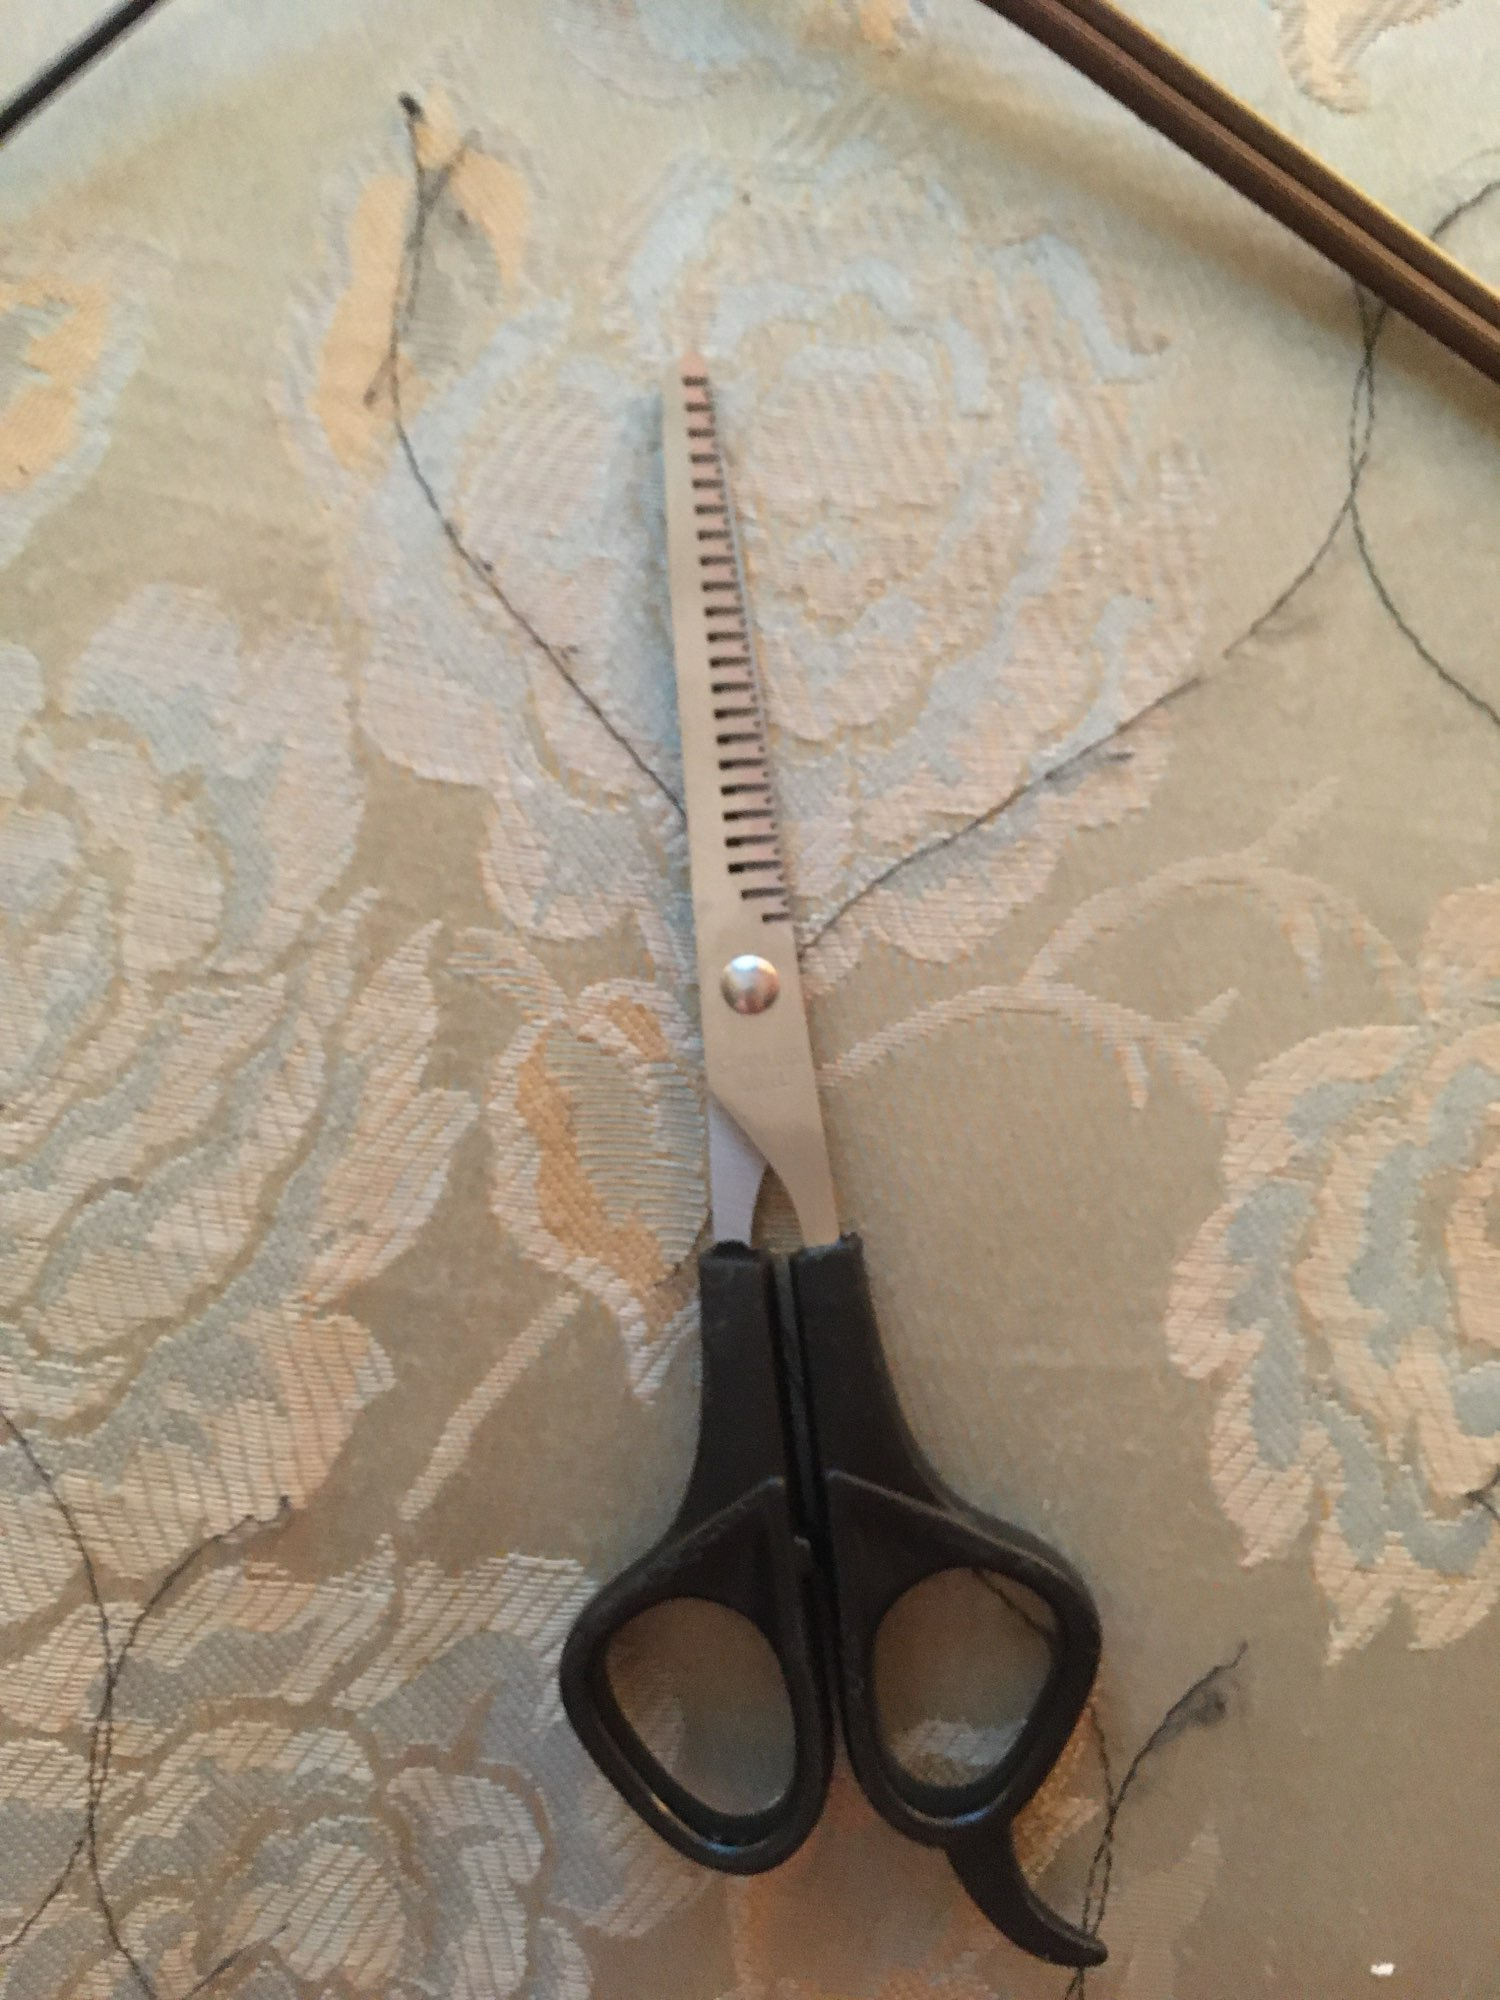 Forbici in acciaio inossidabile capelli